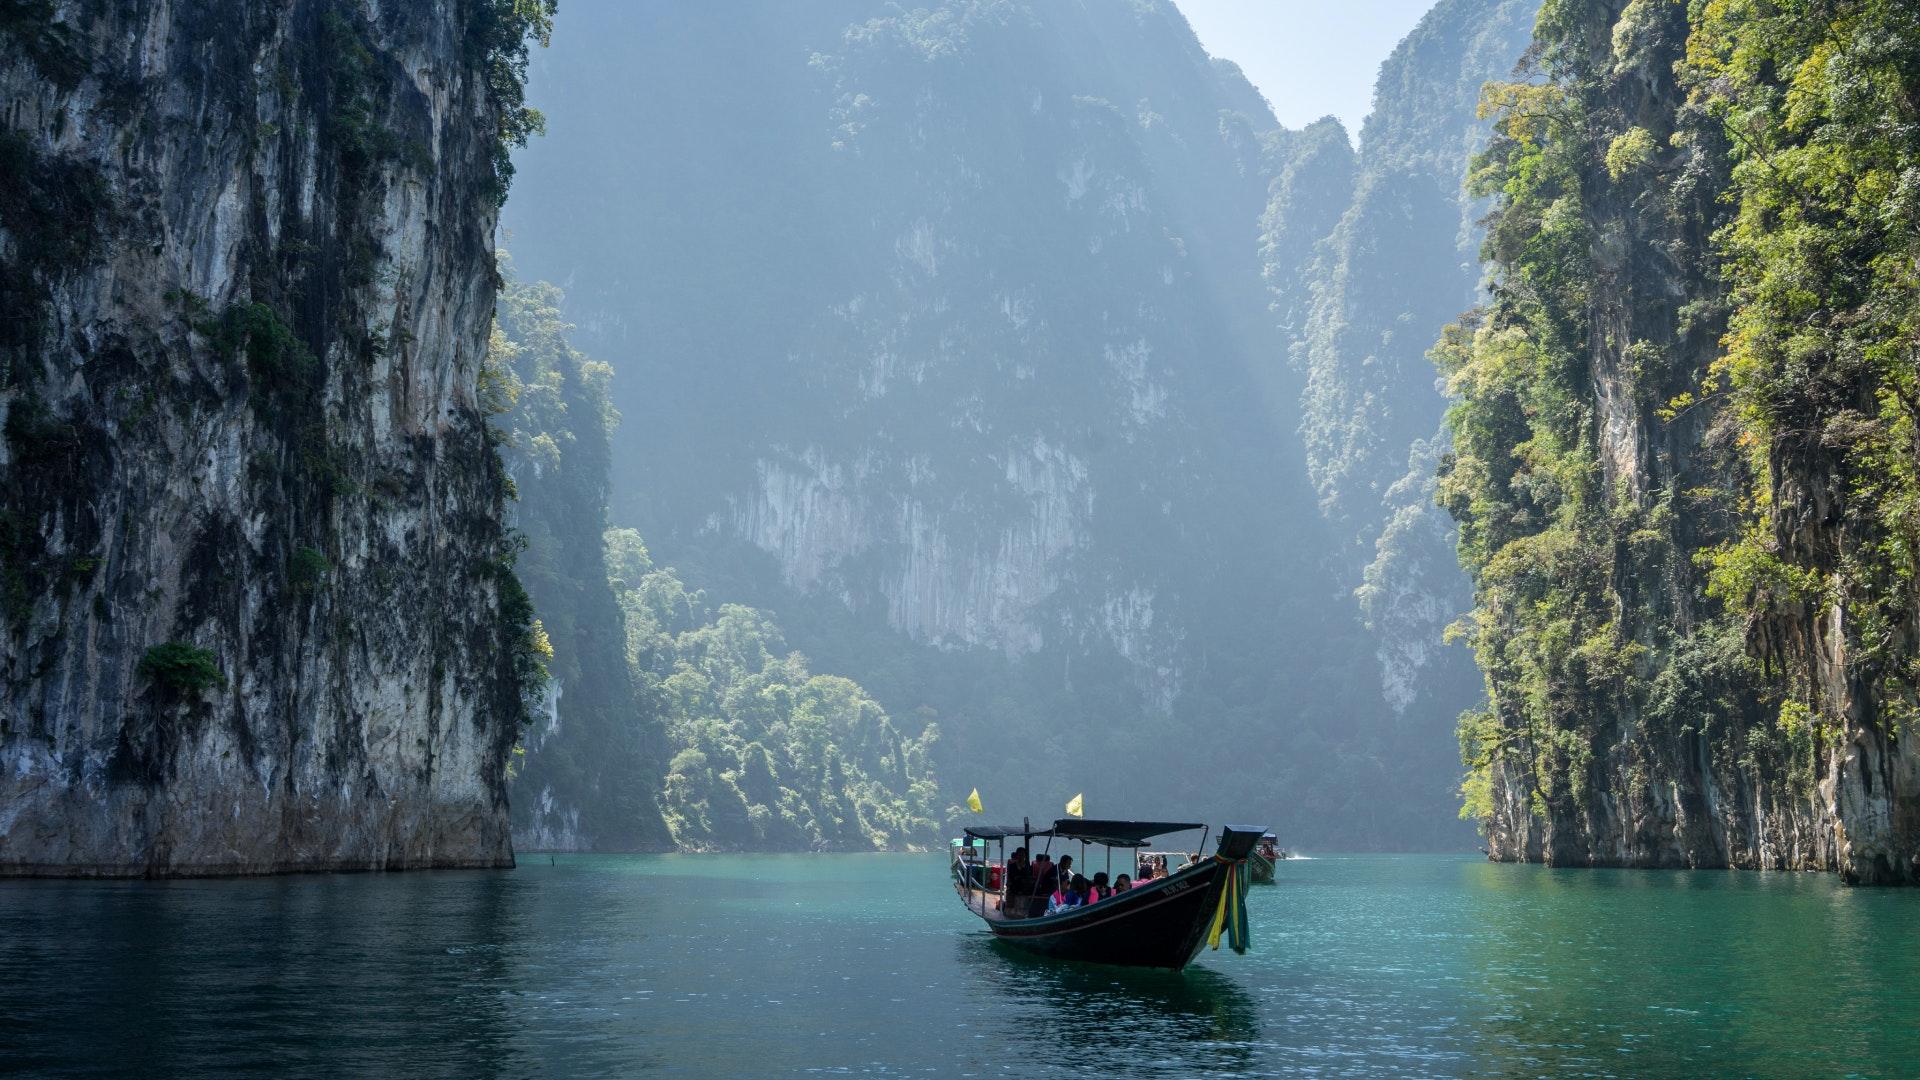 Singapore & Vietnam Tour Packages